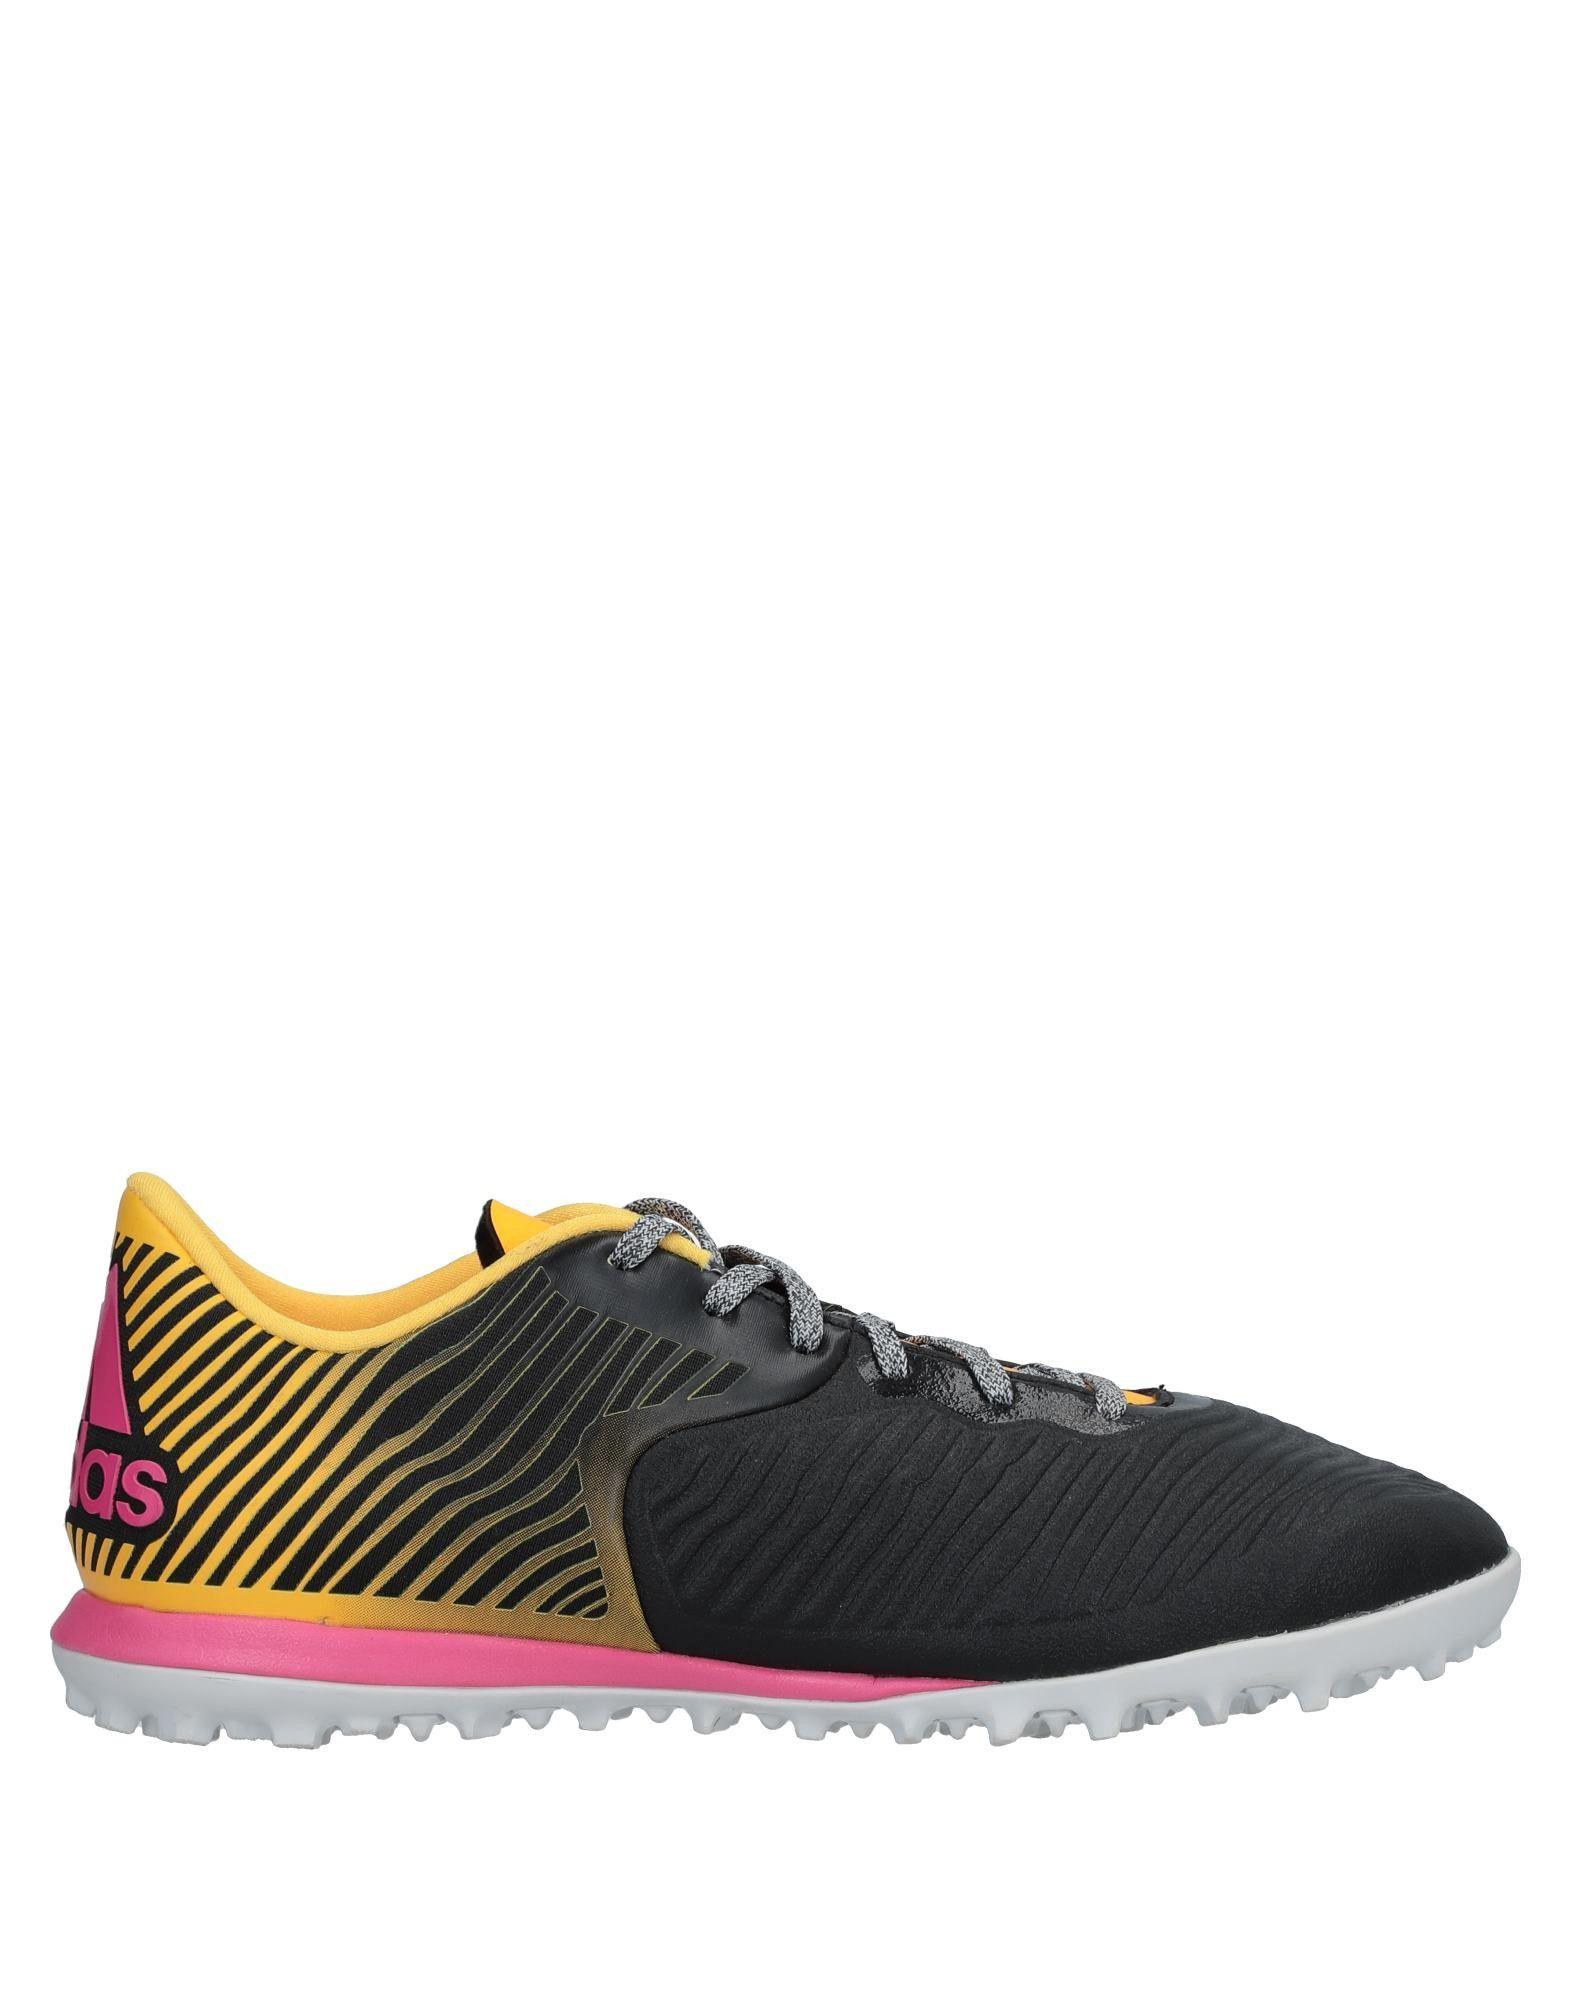 Moda Sneakers Adidas Uomo Uomo Adidas - 11529549PC 200782